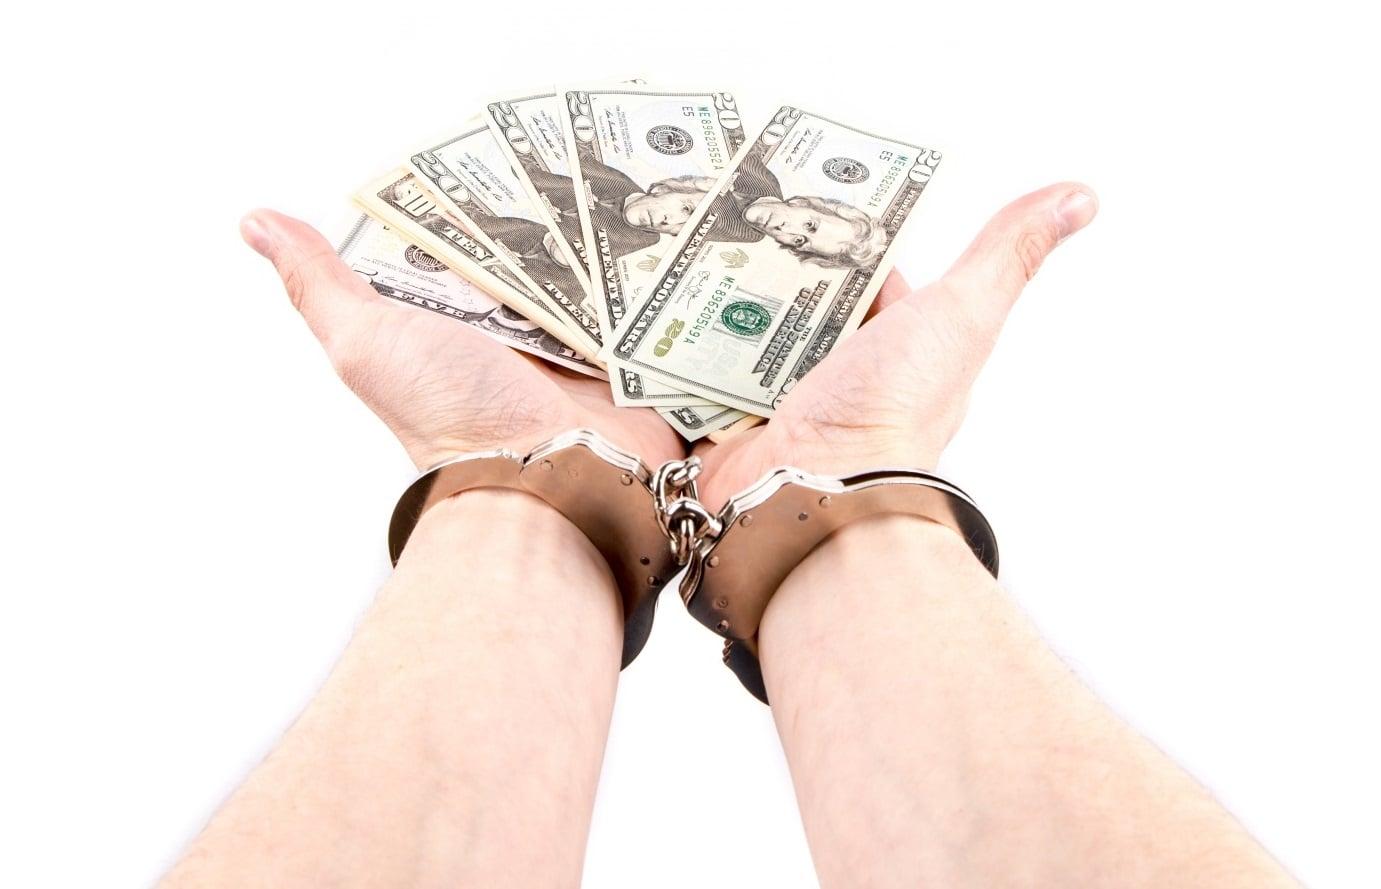 Szybka pożyczka sposobem na spełnienie marzeń ?